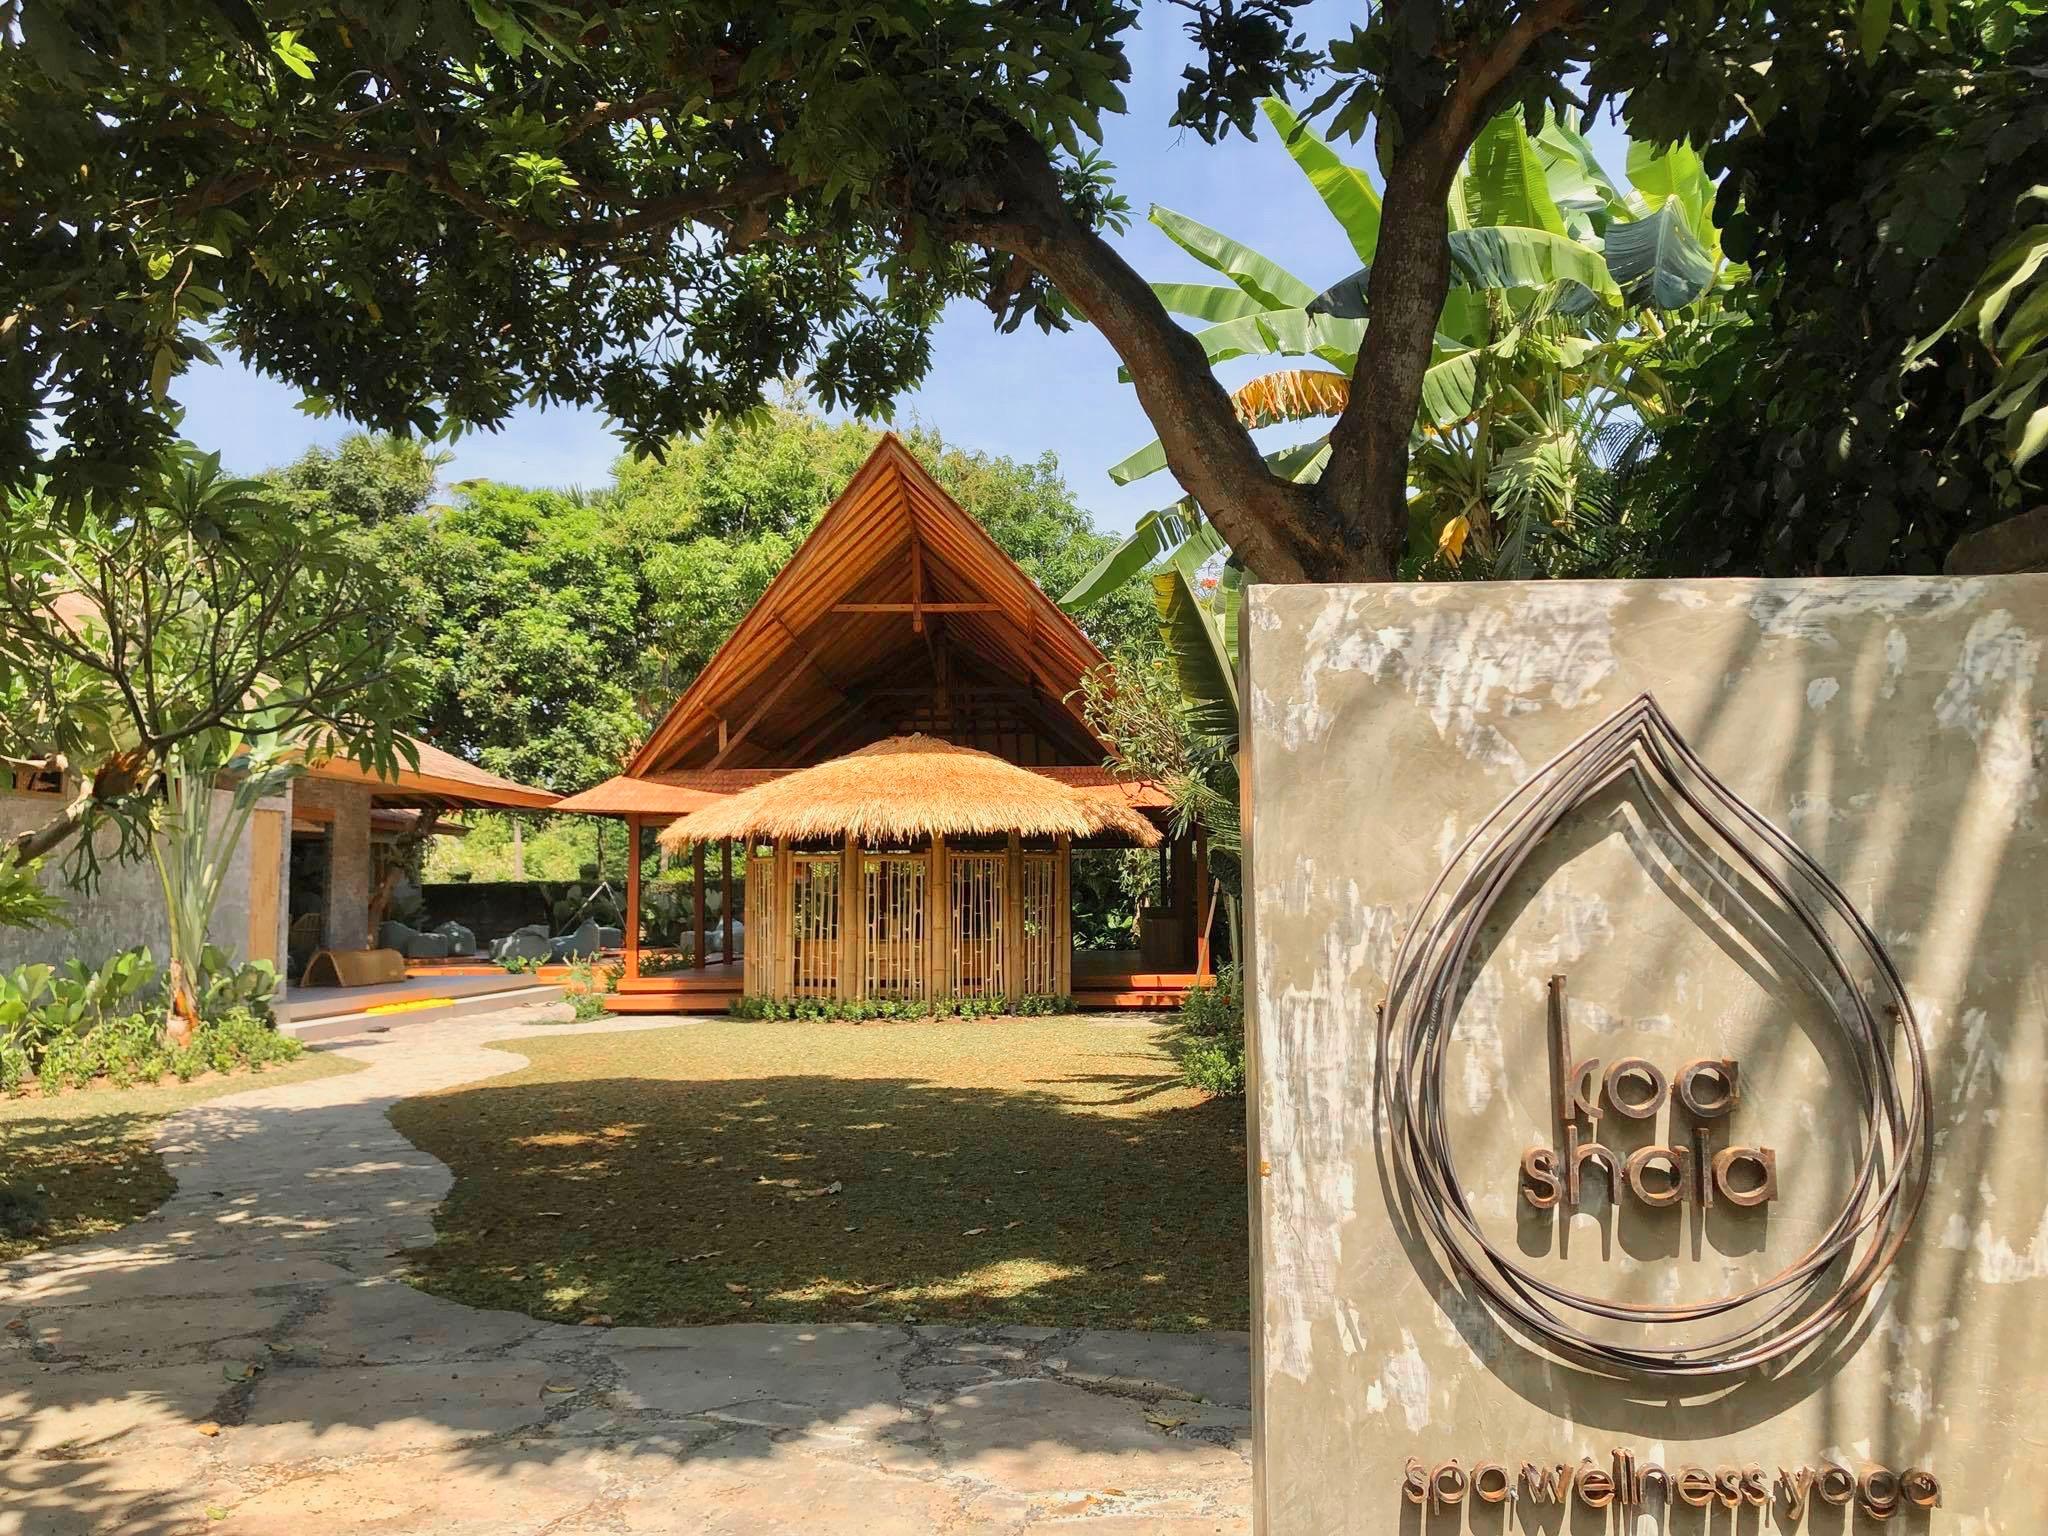 Koa Shala Entrance 2.jpg